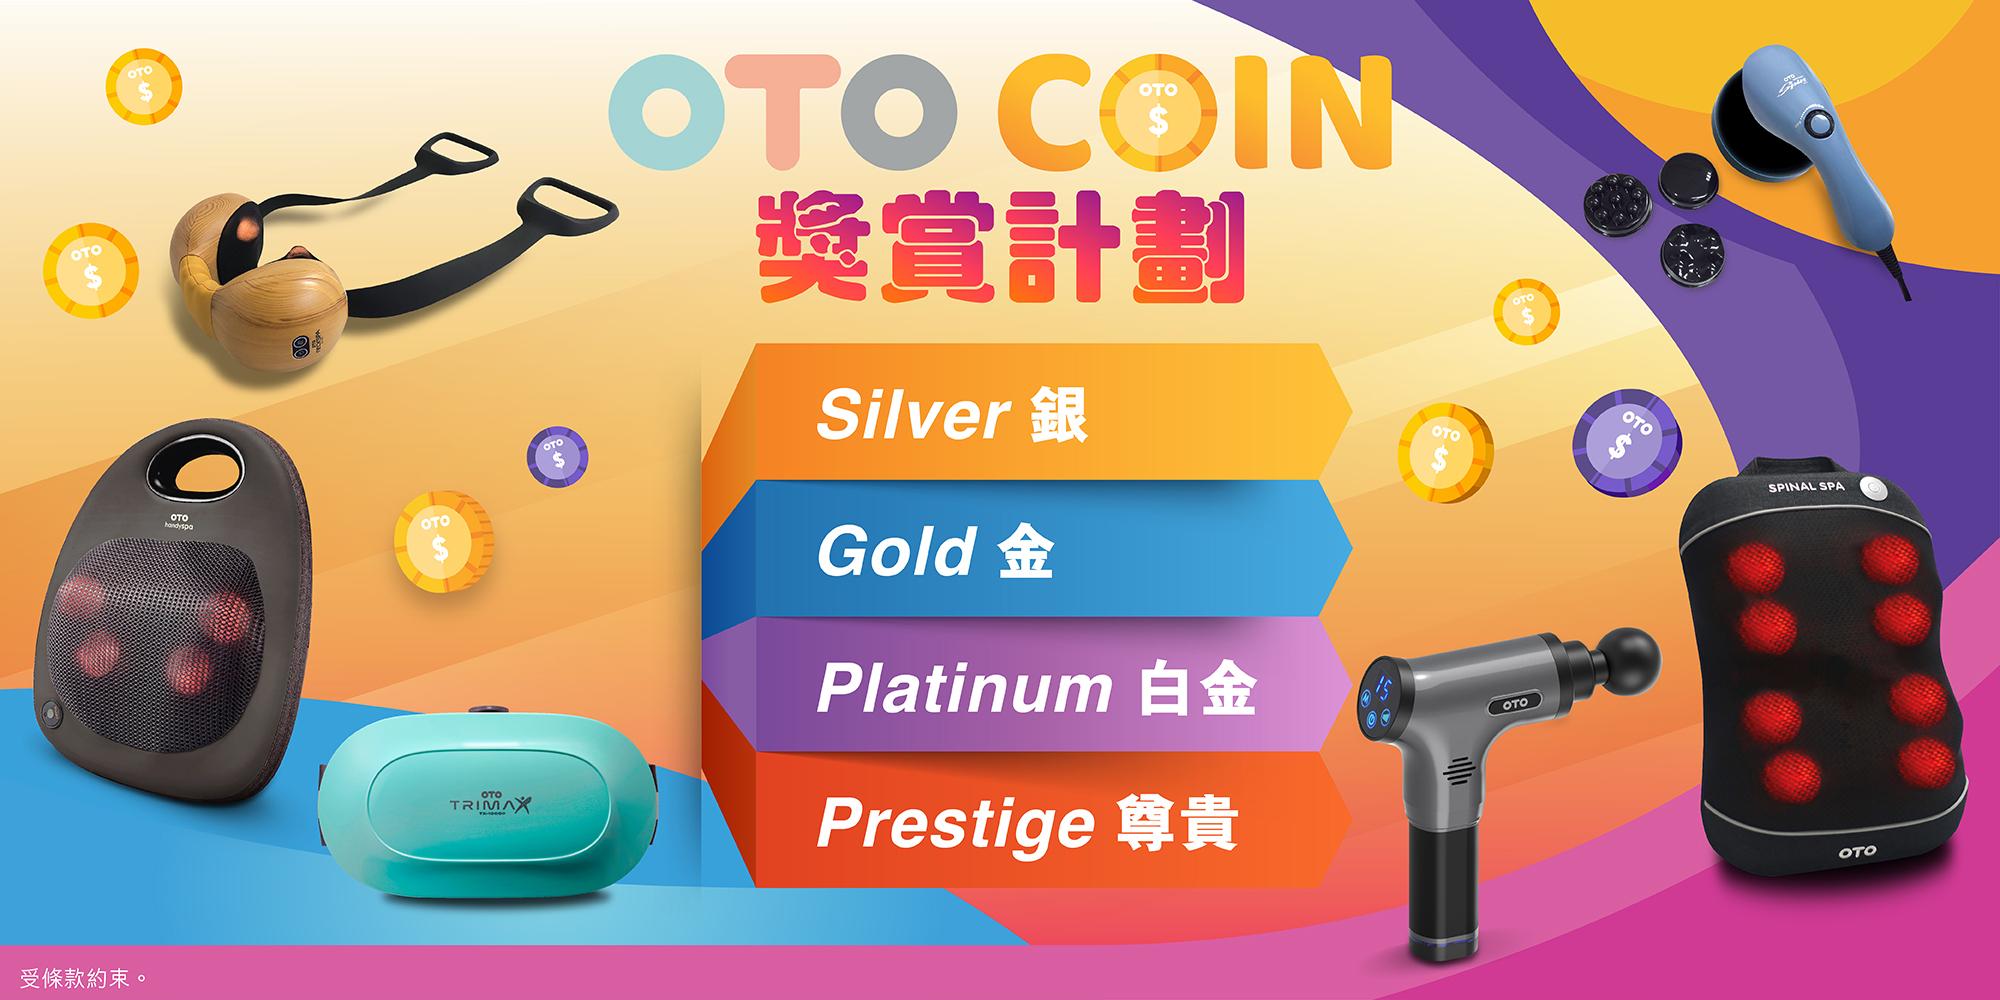 【全新OTO Club會員及OTO Coin獎賞計劃】